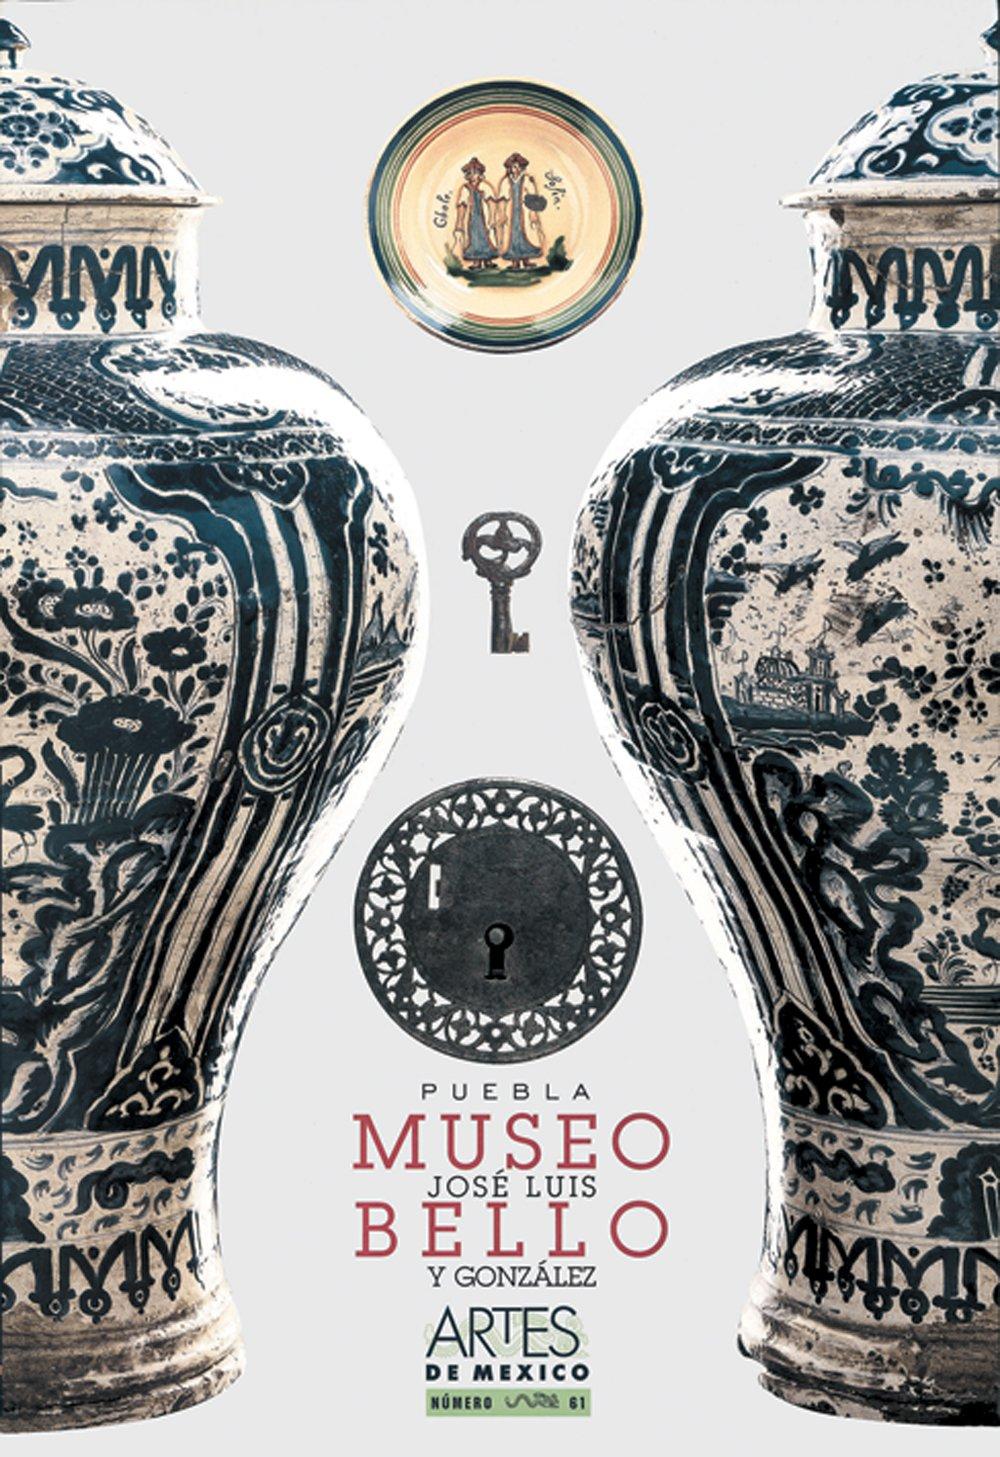 Artes de Mexico # 61. Museo Jose Luis Bello y Gonzalez / José Luis Bello y González Museum (Spanish Edition) pdf